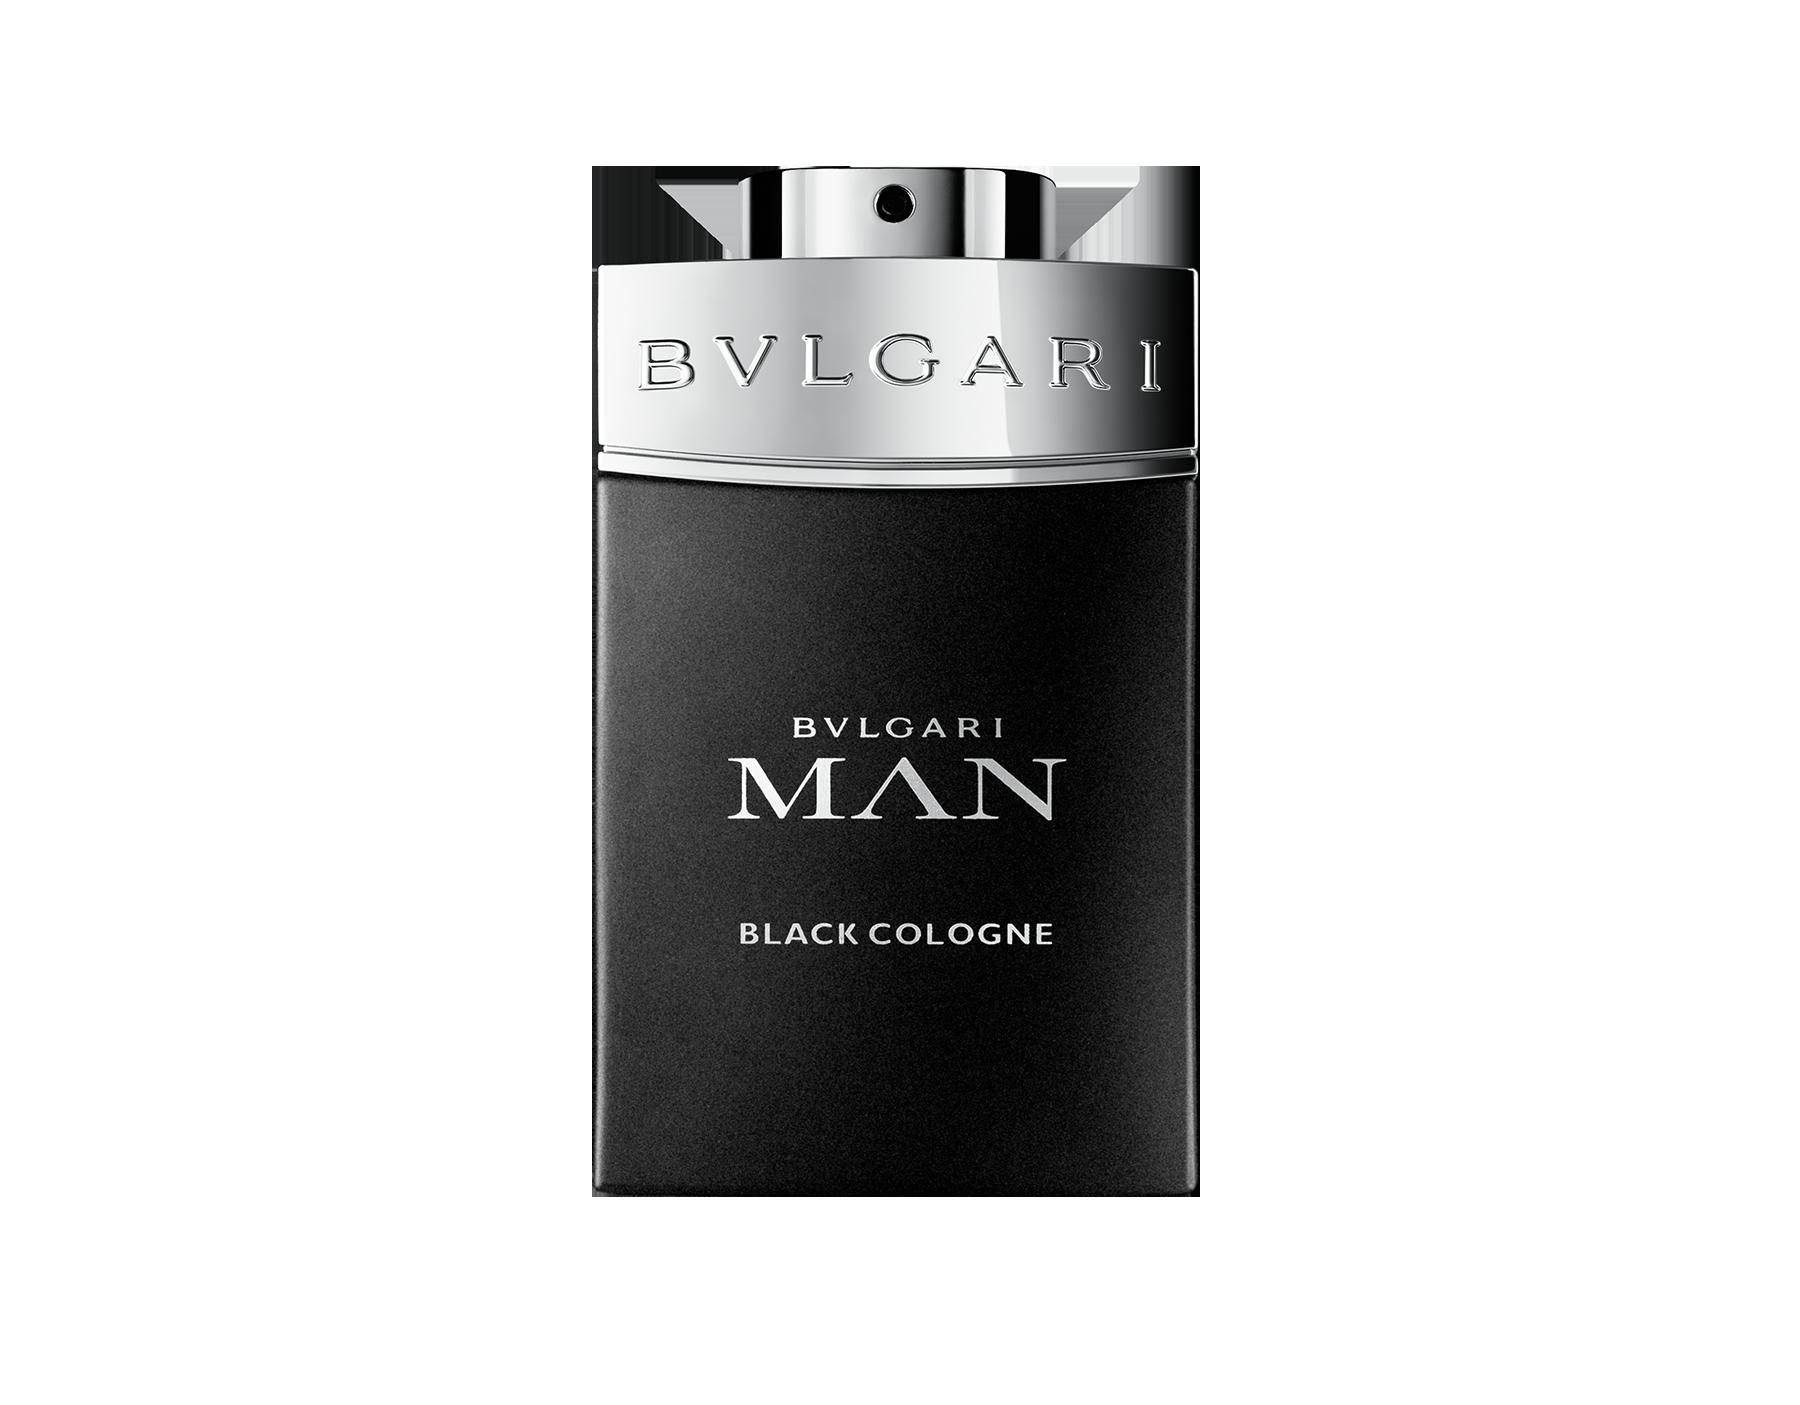 BVLGARI MAN BLACK COLOGNE Eau de Toilette Spray 100ml.